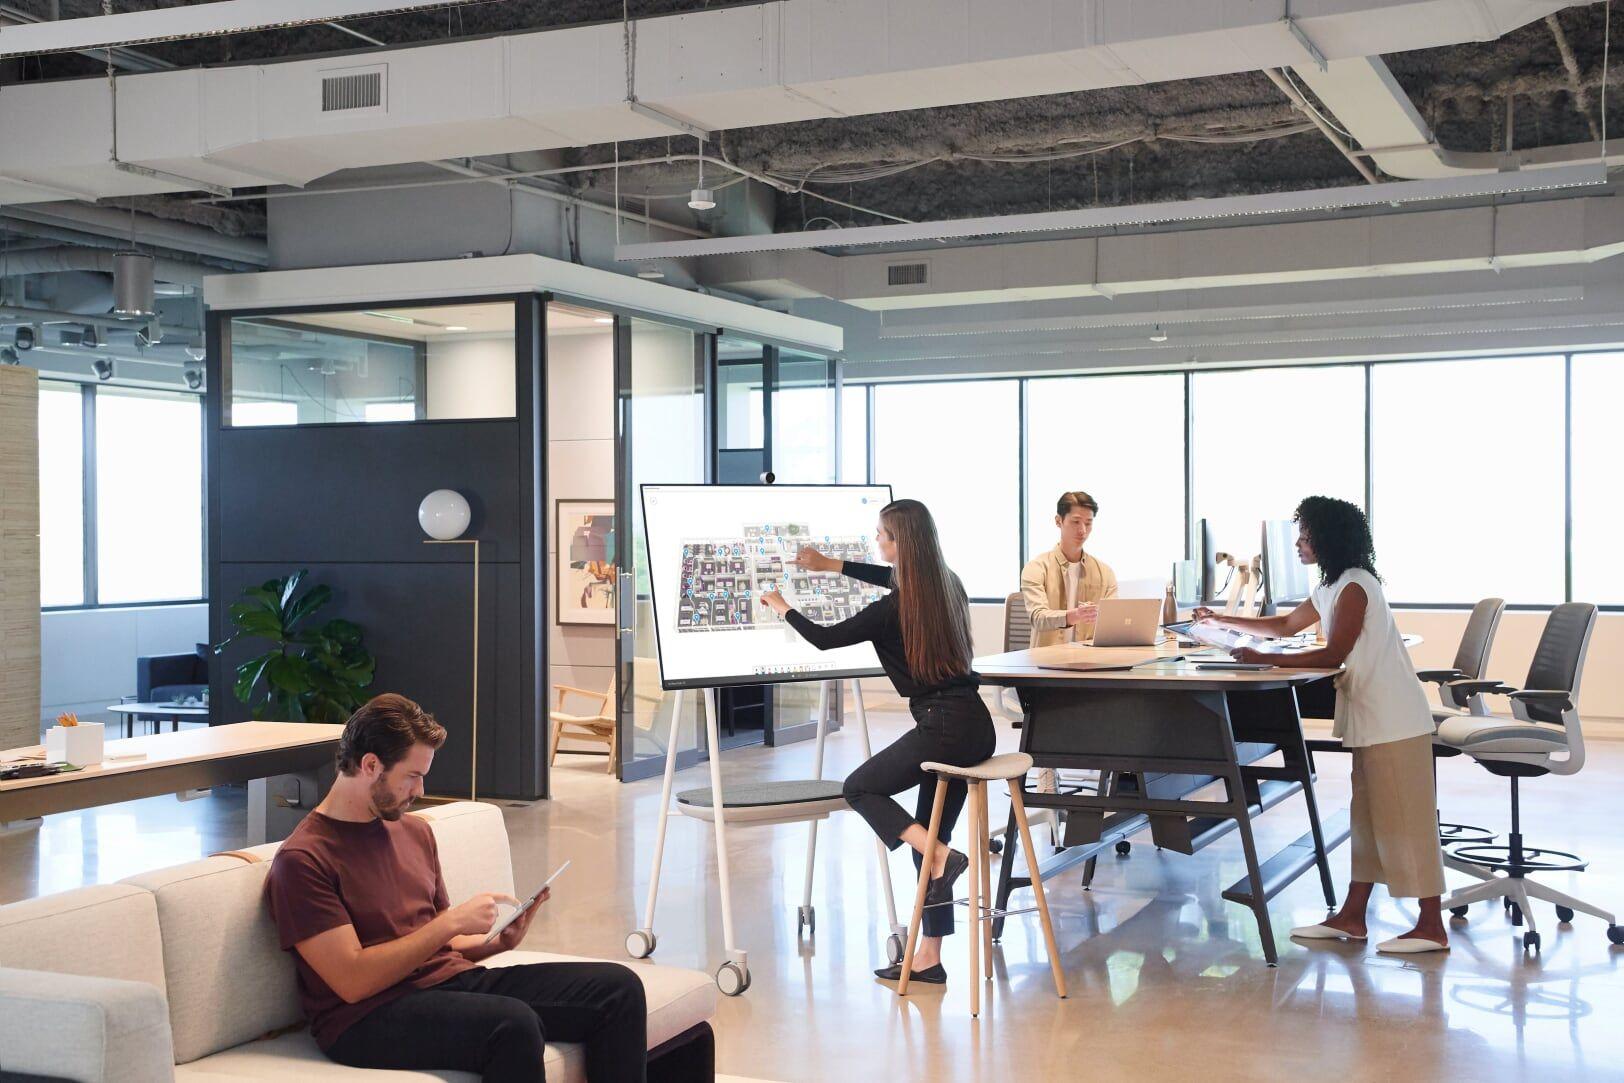 Mehrere Personen arbeiten in einem Büro an ihren Surface Devices